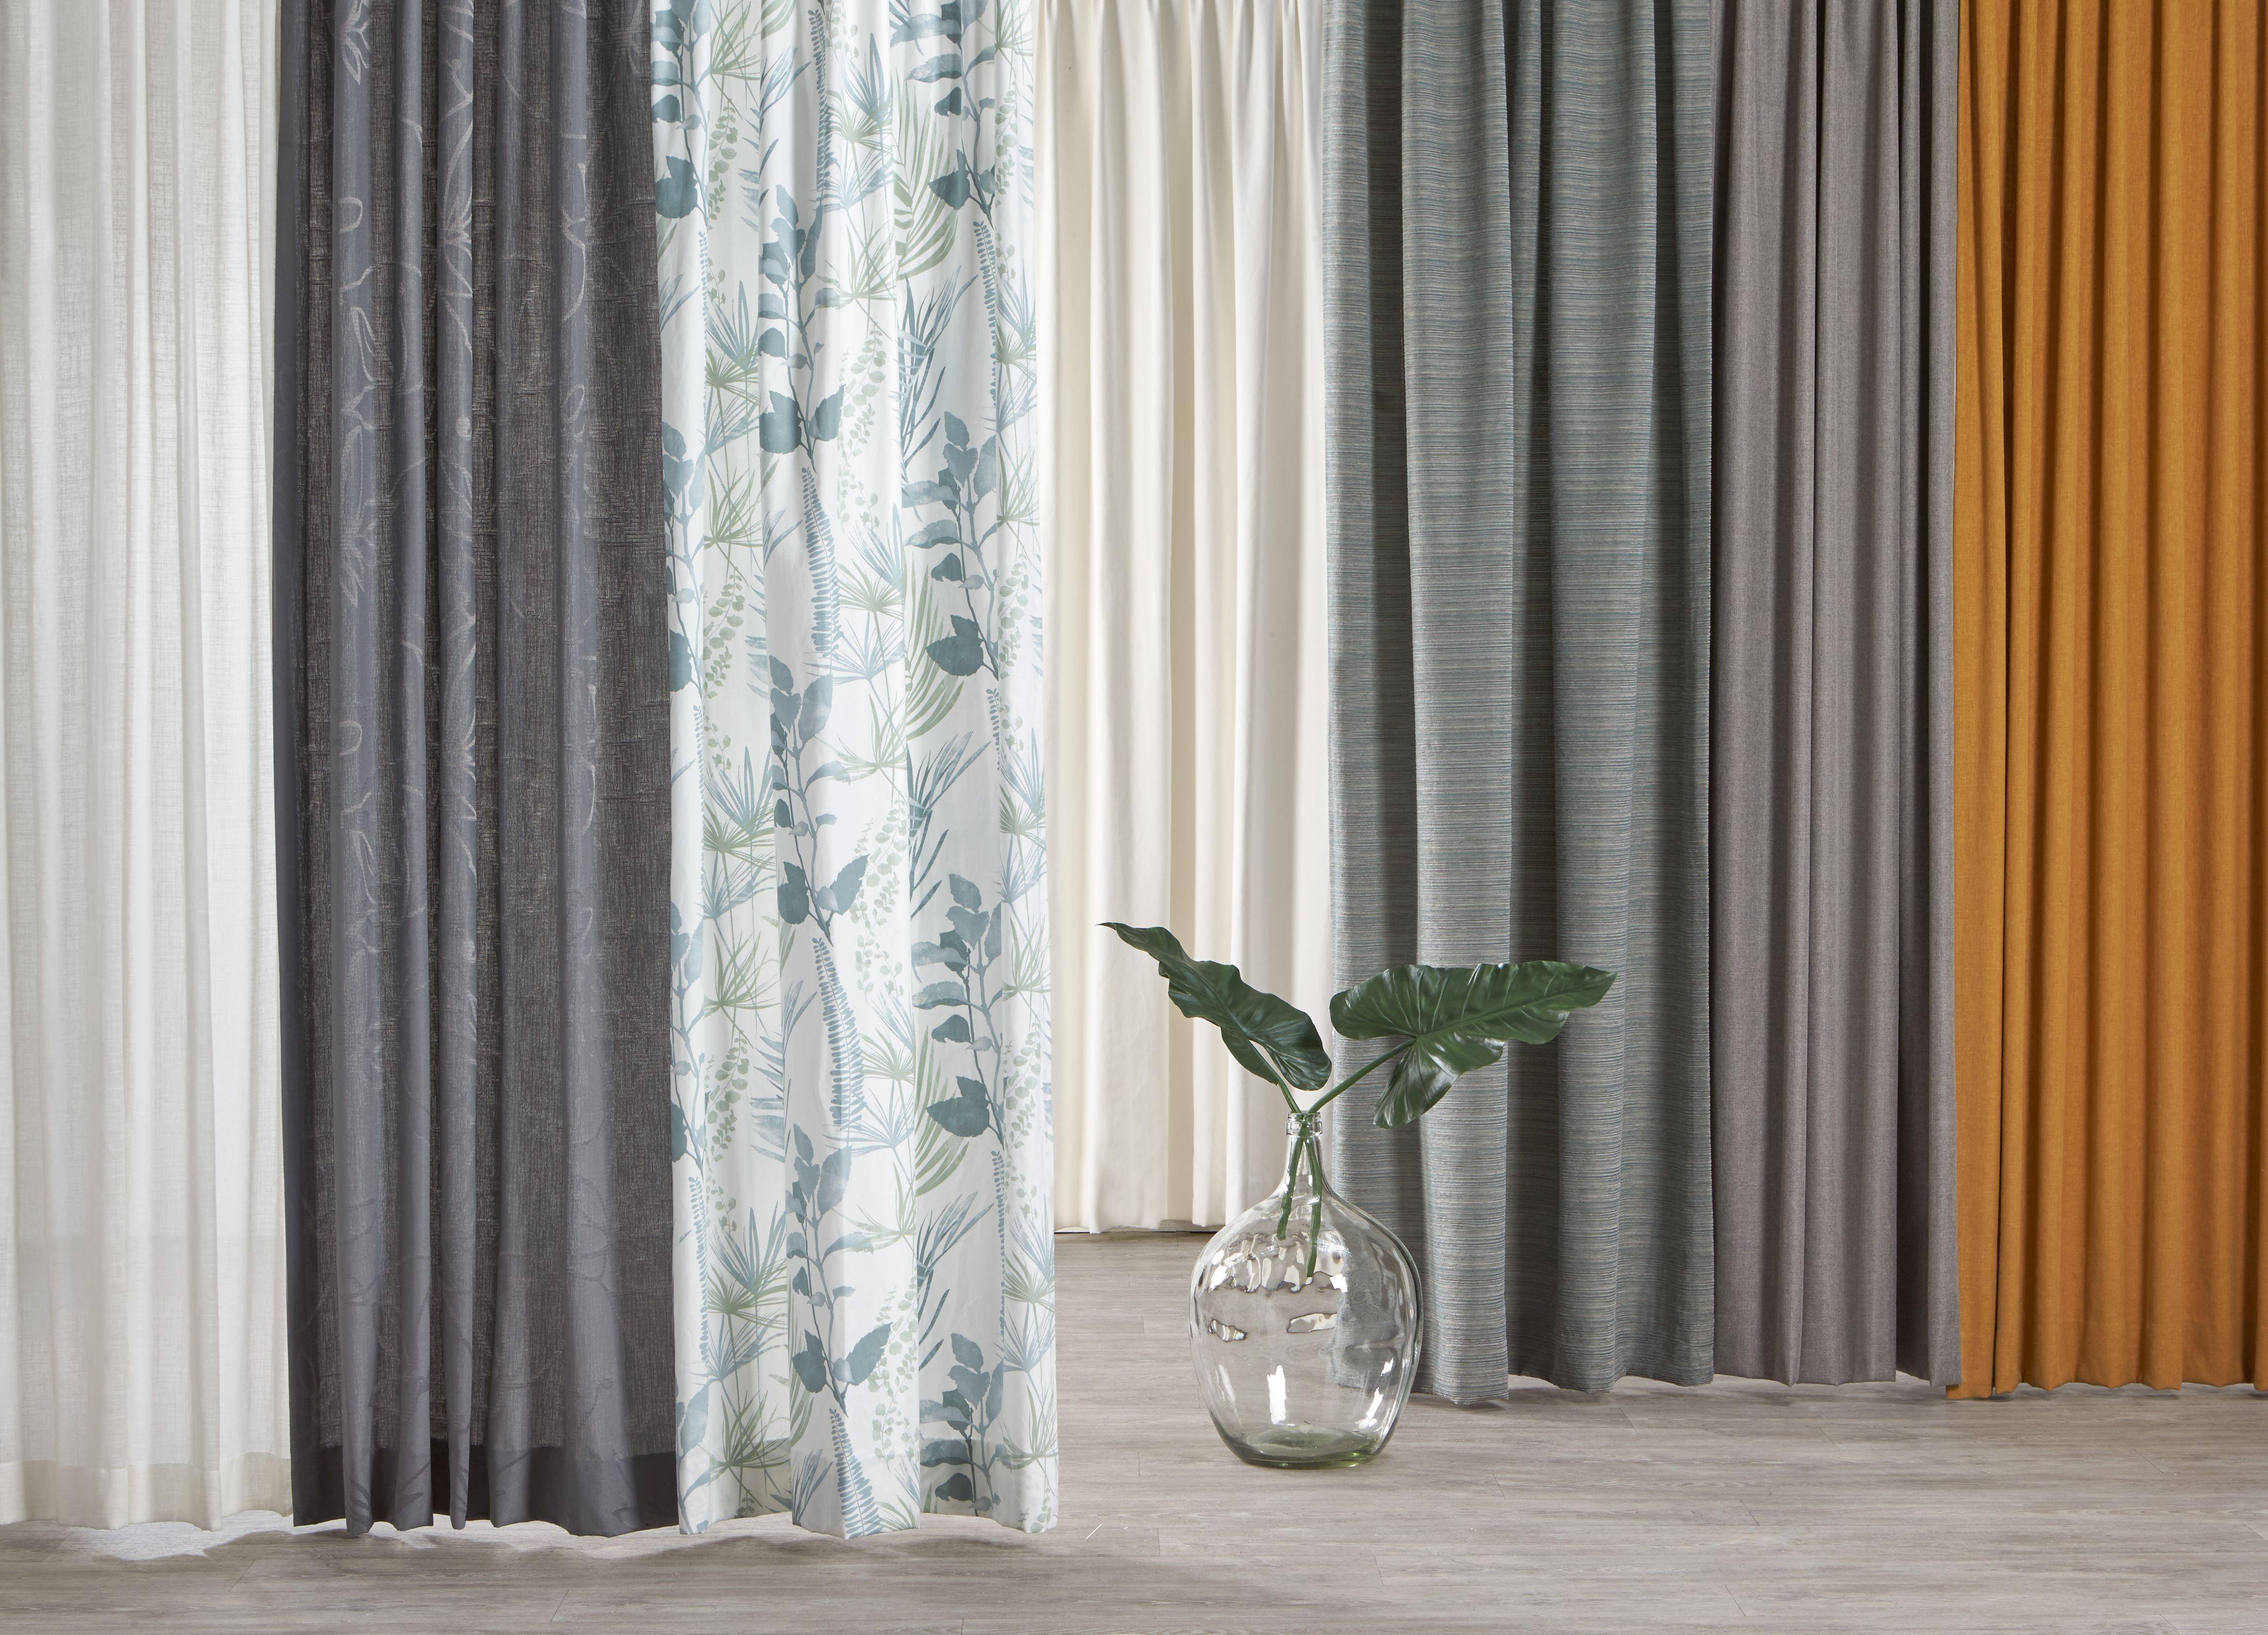 Raamdecoratie luxaflex silhouette shades met een zelfgemaakte